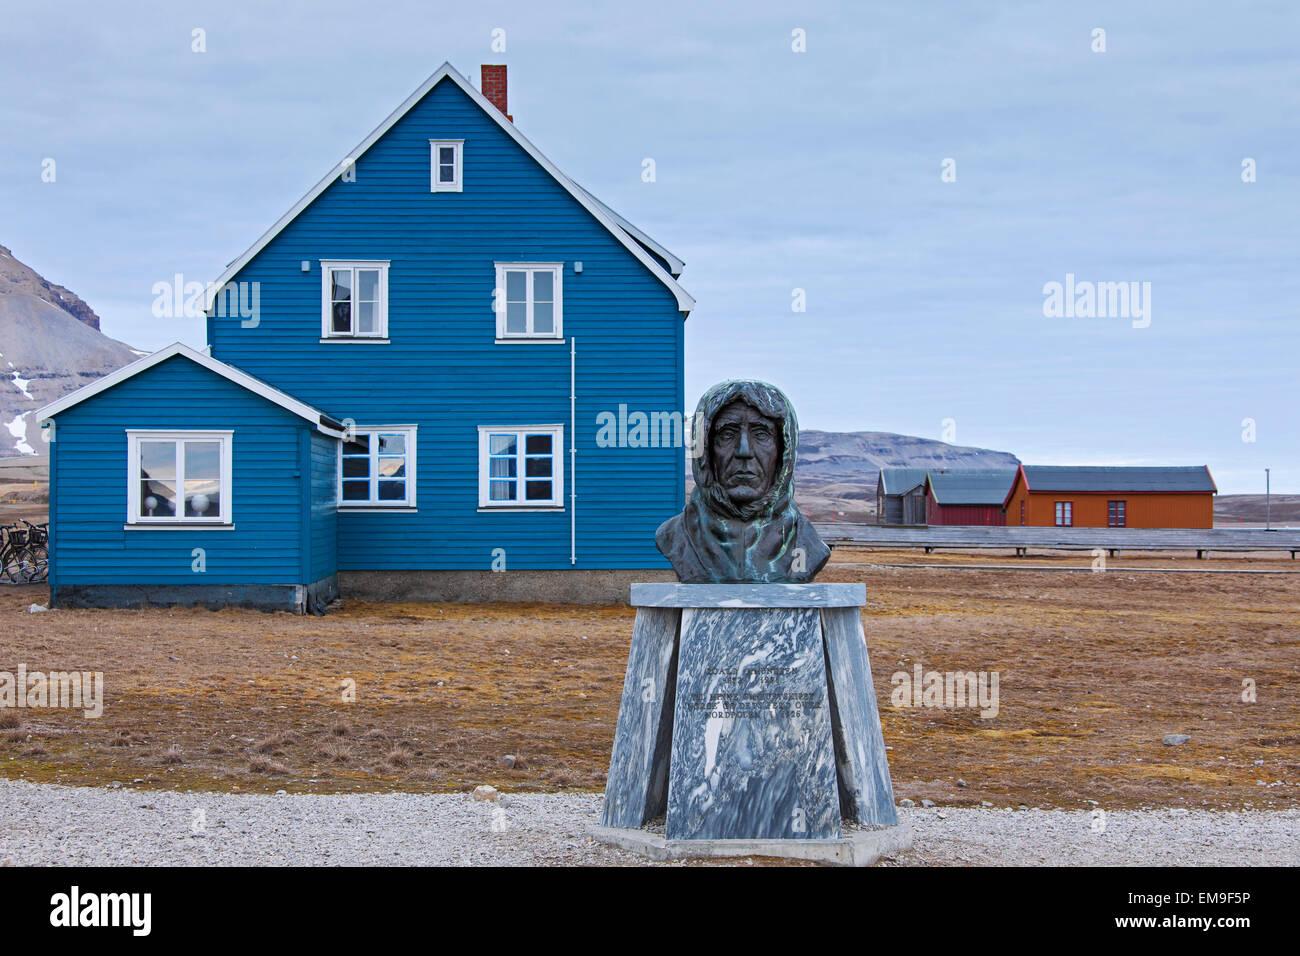 Estatua de Roald Amundsen, el explorador noruego, en la remota aldea de Ny Alesund, Svalbard, Noruega Imagen De Stock